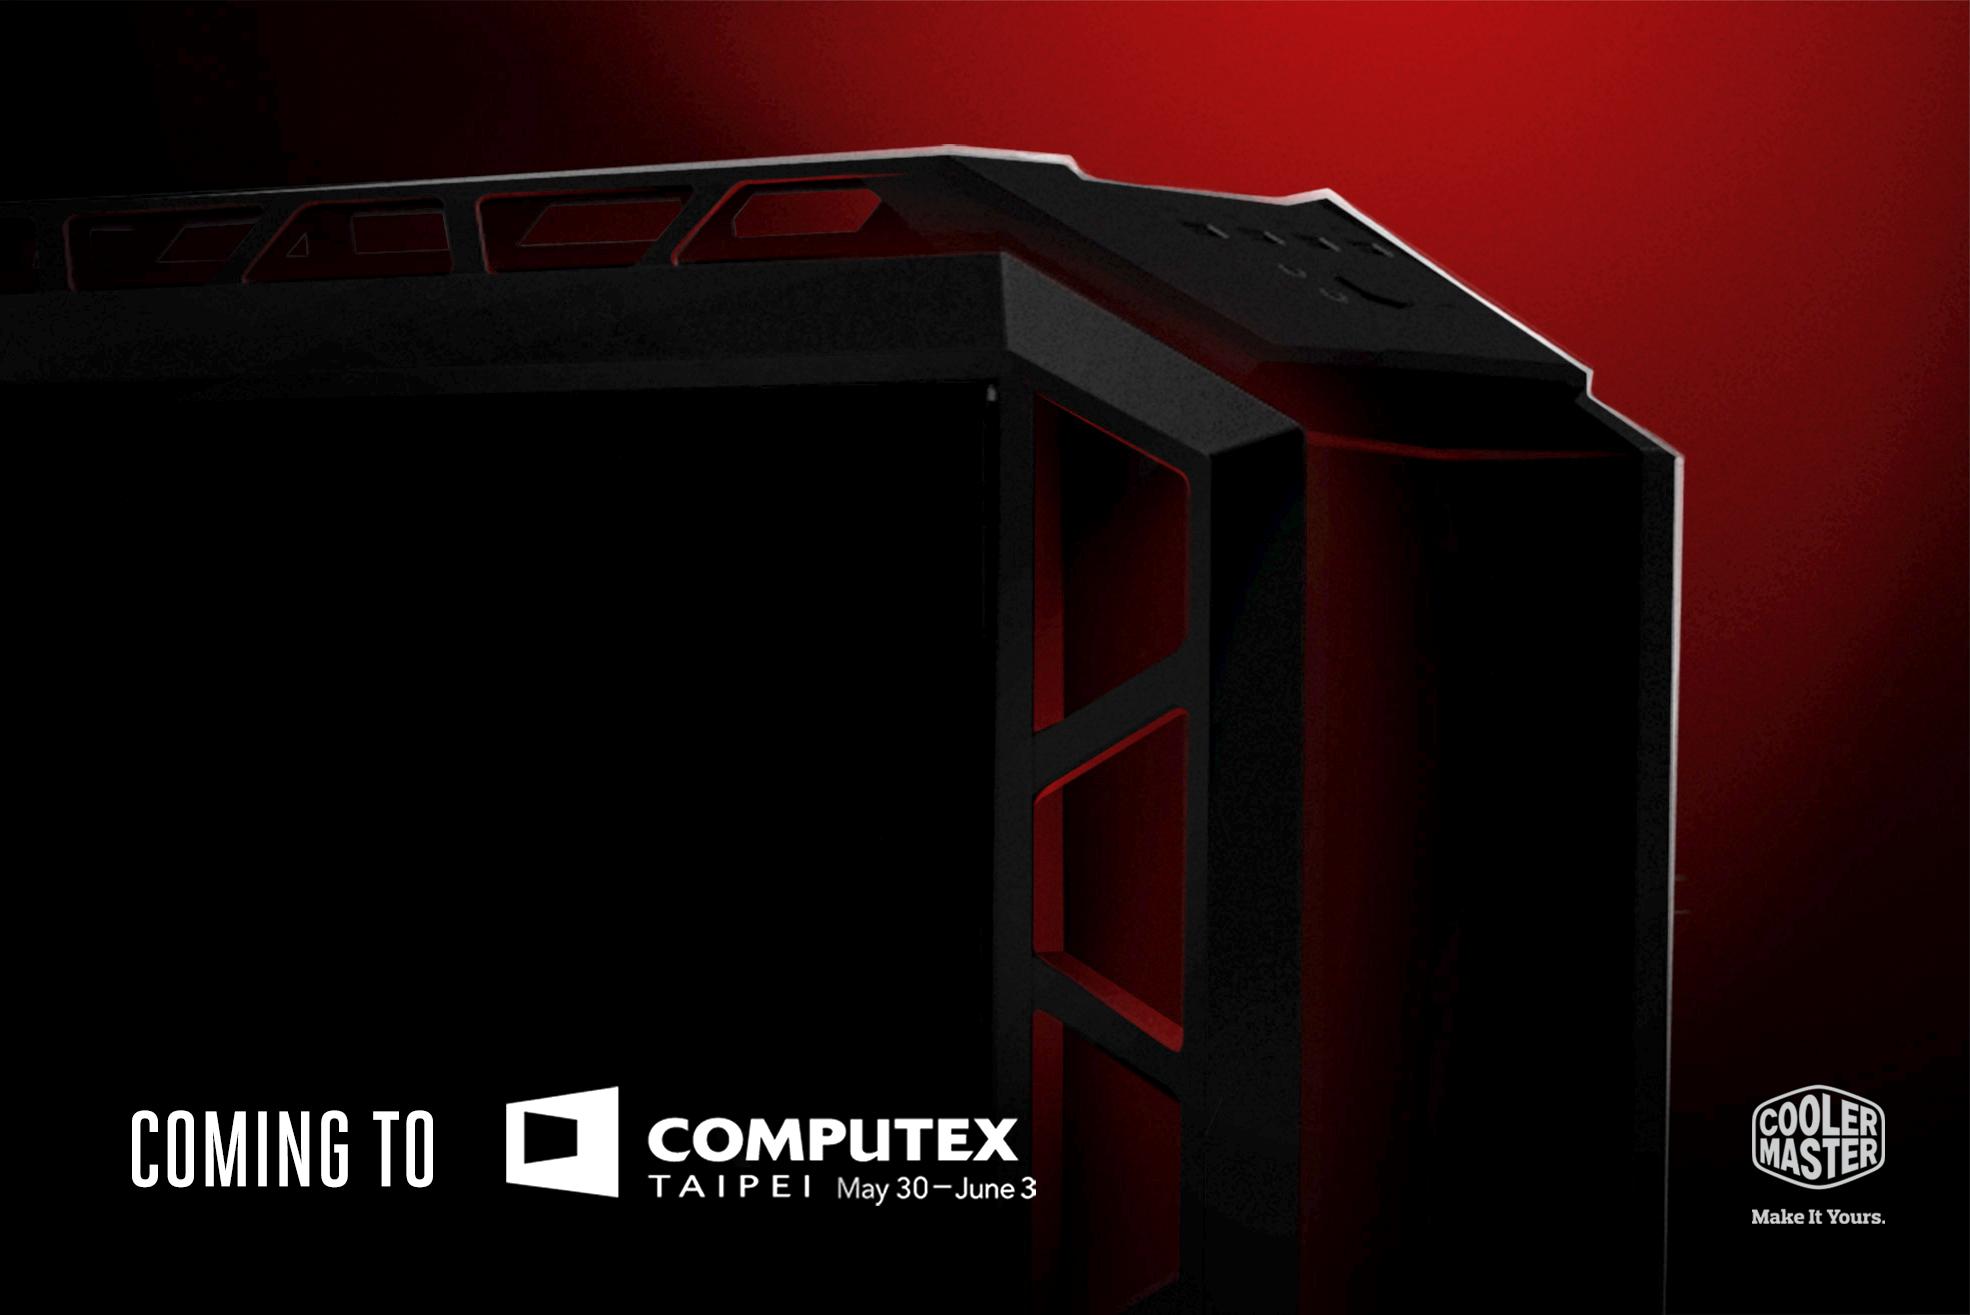 Cooler Master Computex Case #2 Teaser